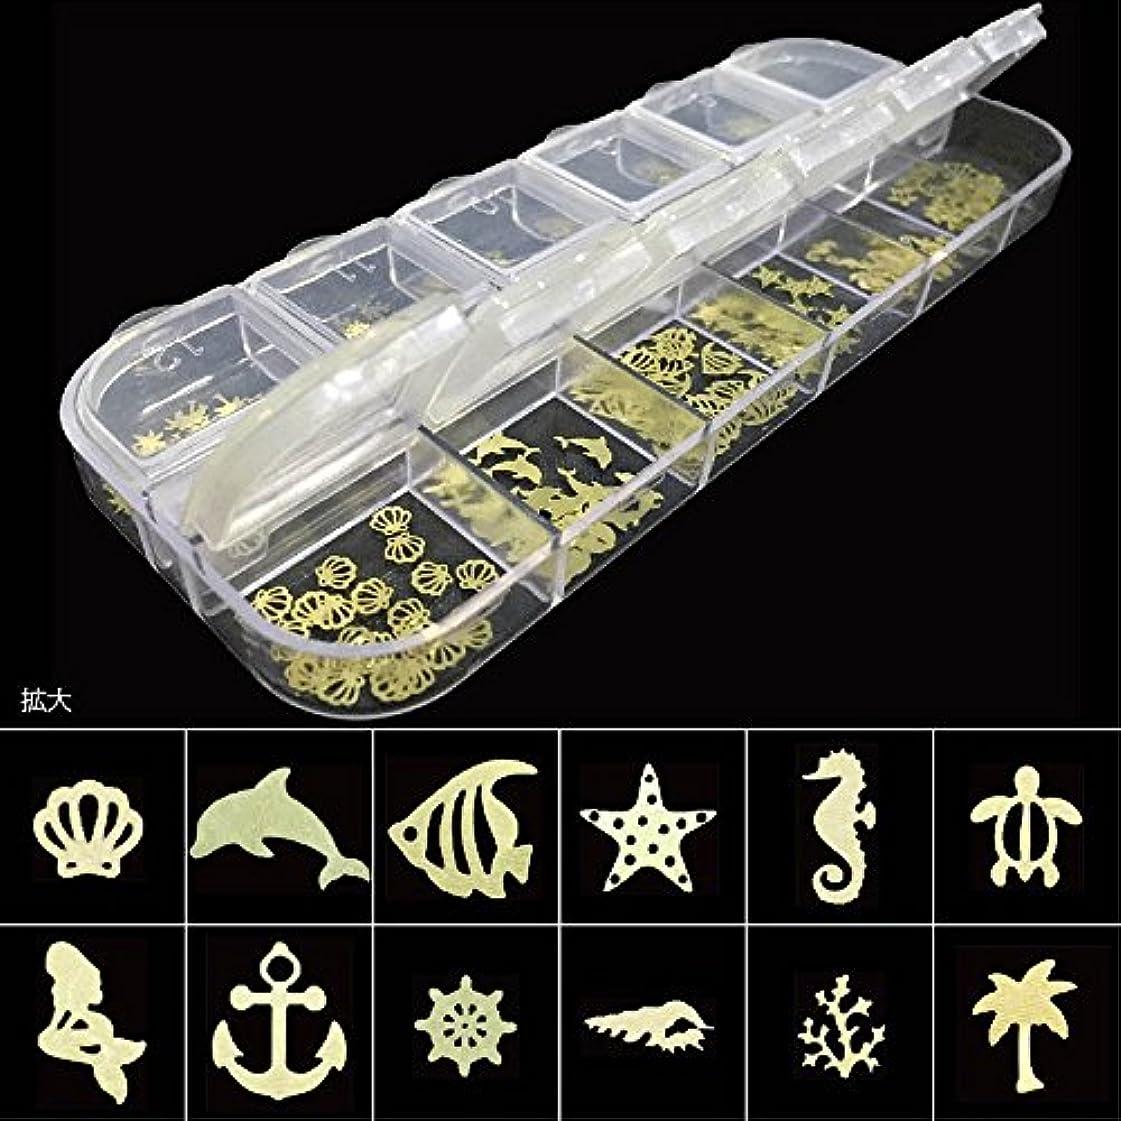 発明する怪しい栄光の薄型メタル パーツ ゴールド240枚 ネイル&レジン用 12種類×各20個ケース入 (マリン)